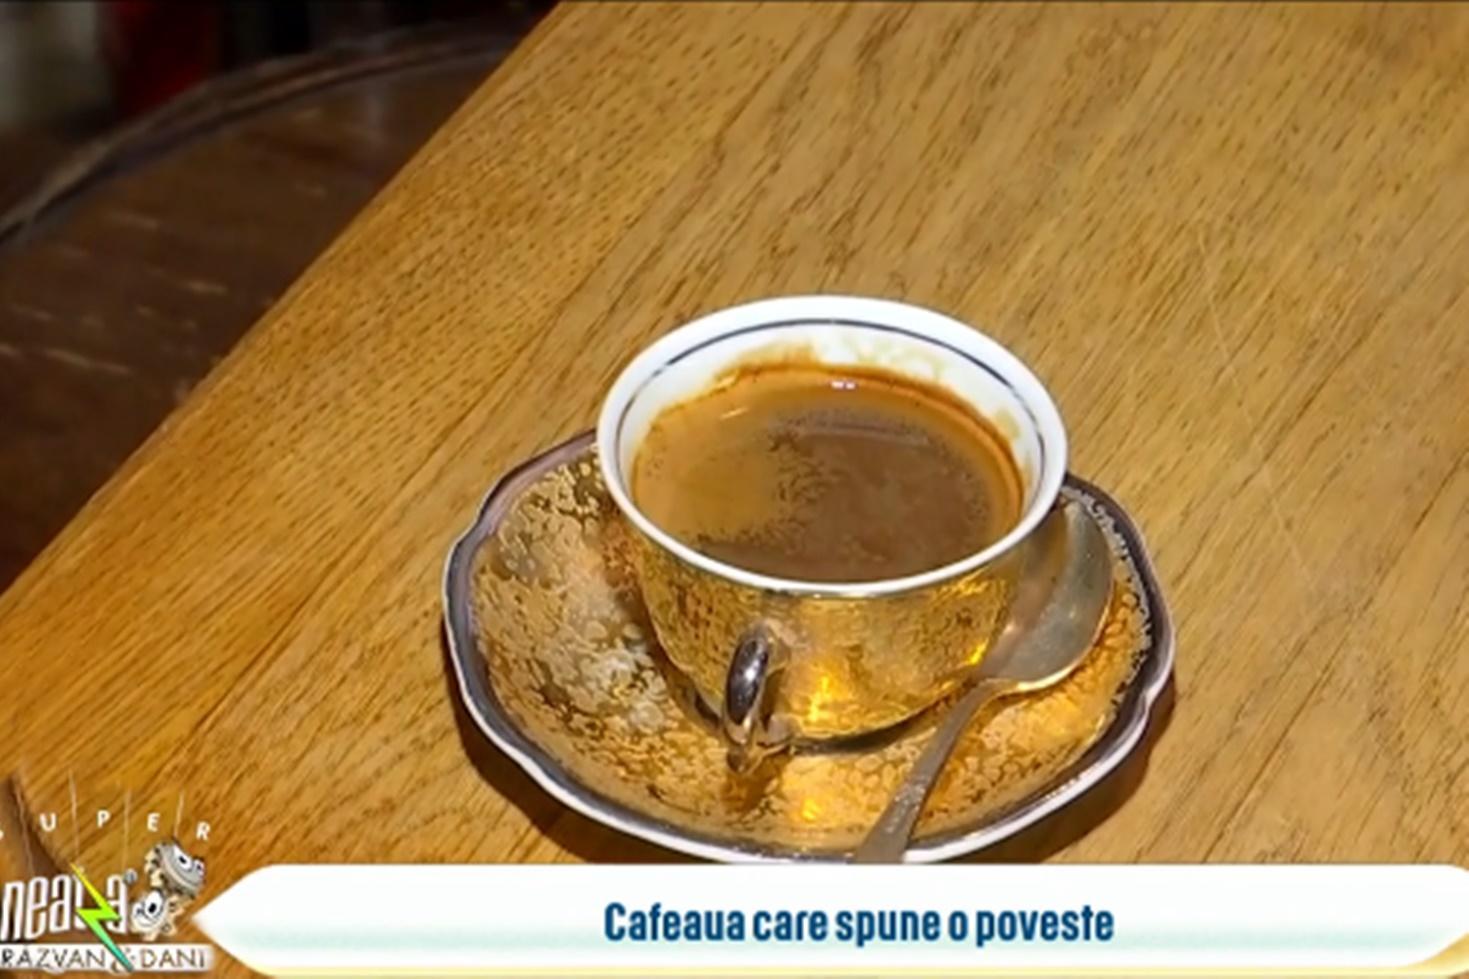 Ce ar trebui să știm despre cafea, înainte de a o consuma? Proprietățile și beneficiile consumului de cafea